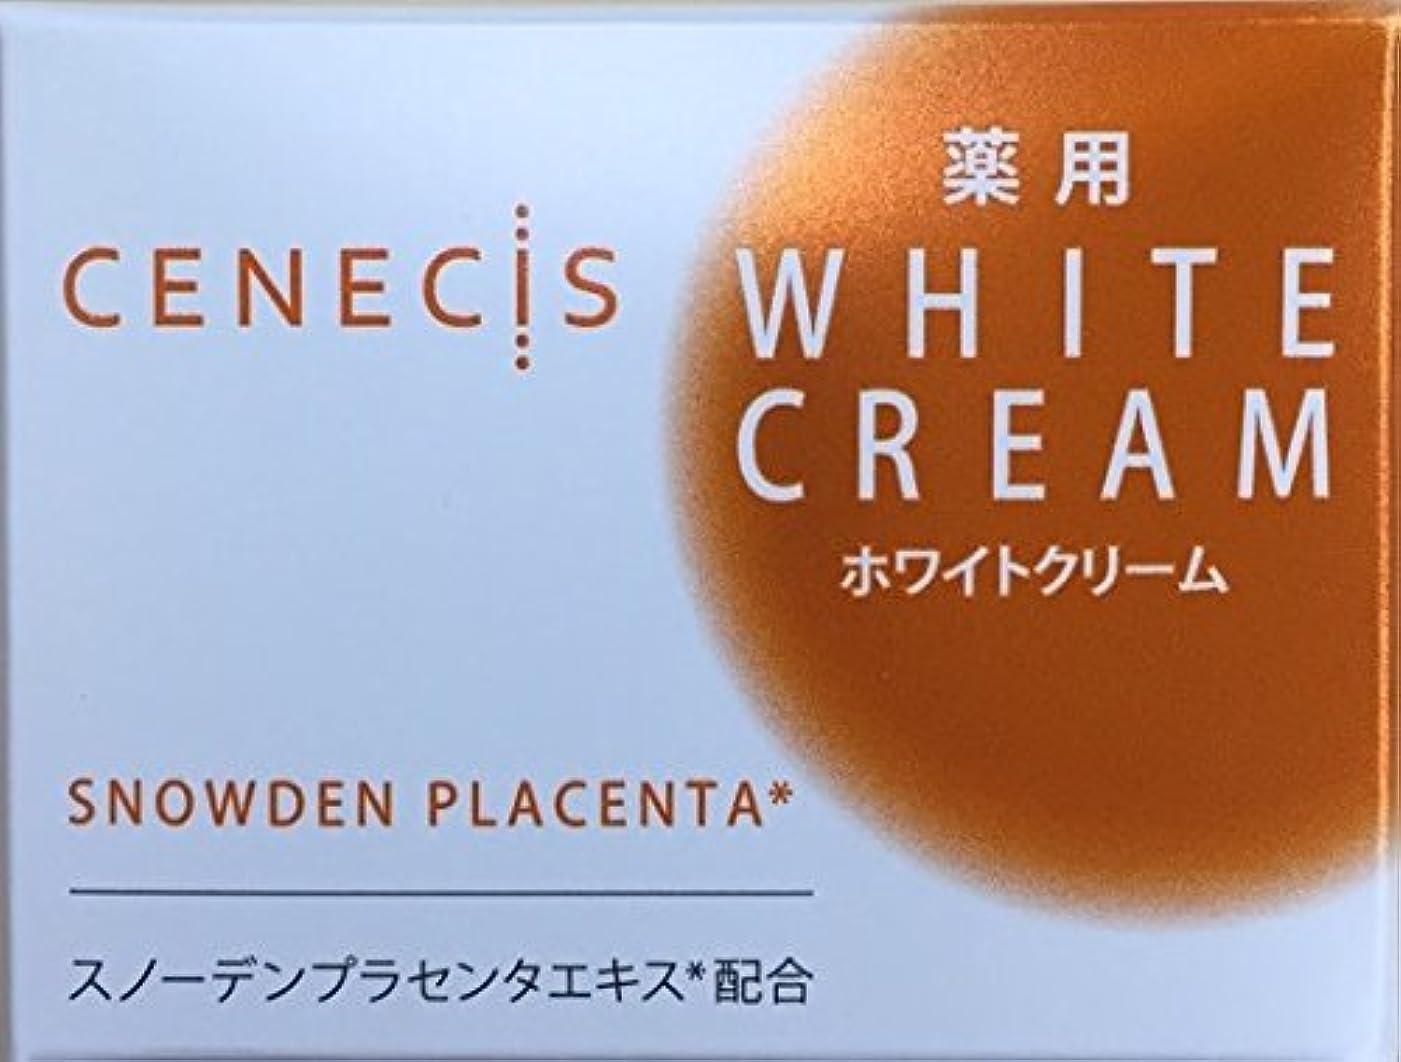 立法自分関数スノーデン セネシス 薬用ホワイトクリーム 40g